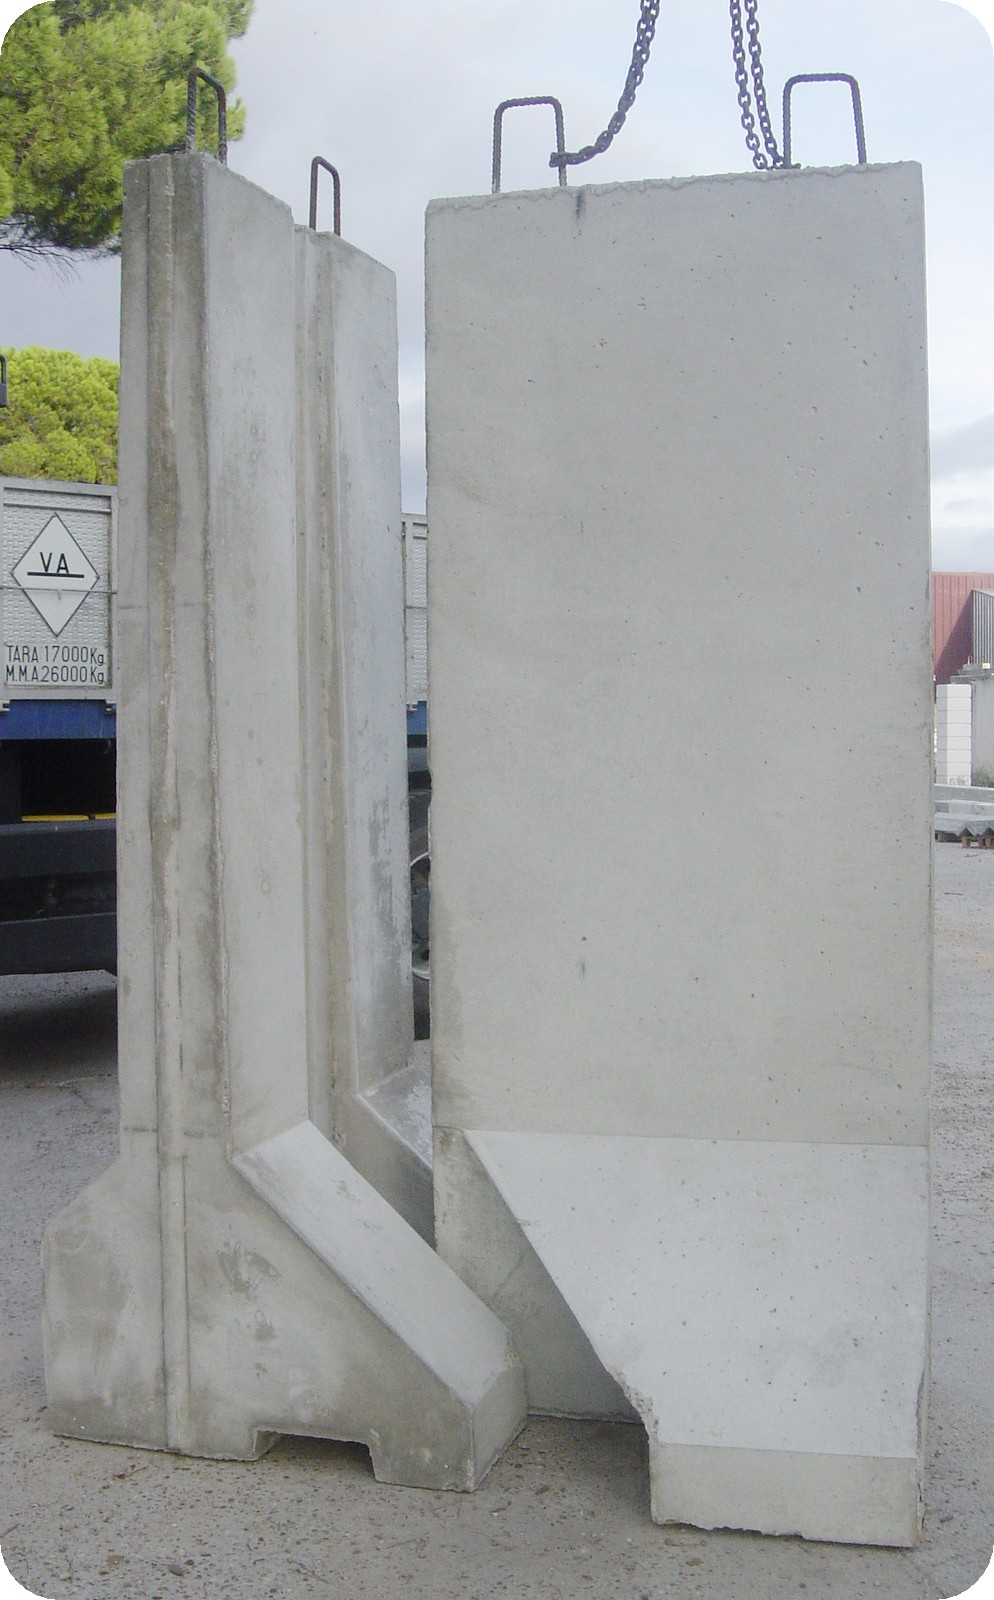 Separadores de hormig n doble muro en hormig n o muros de for Precio metro cubico hormigon 2017